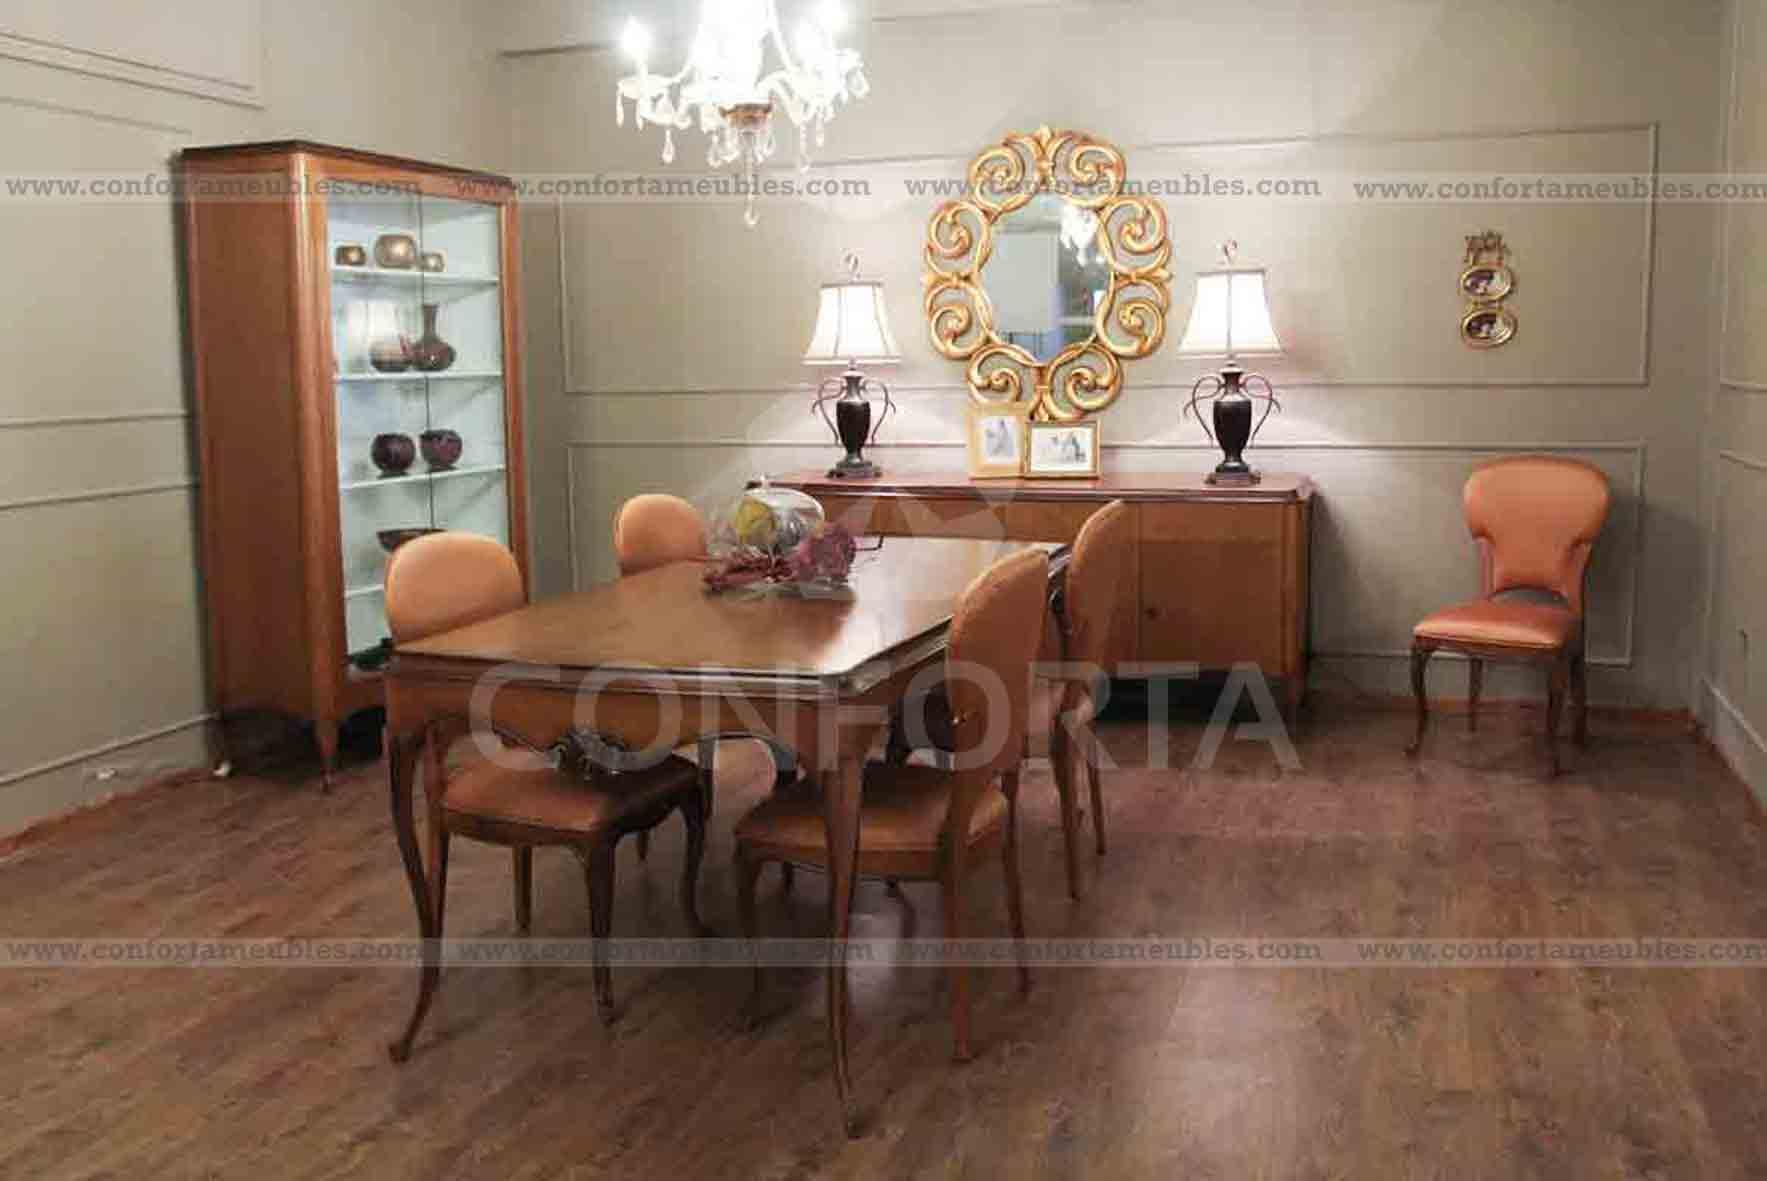 Salles manger tunisie meubles et d coration tunisie for Restaurant salle a manger tunis